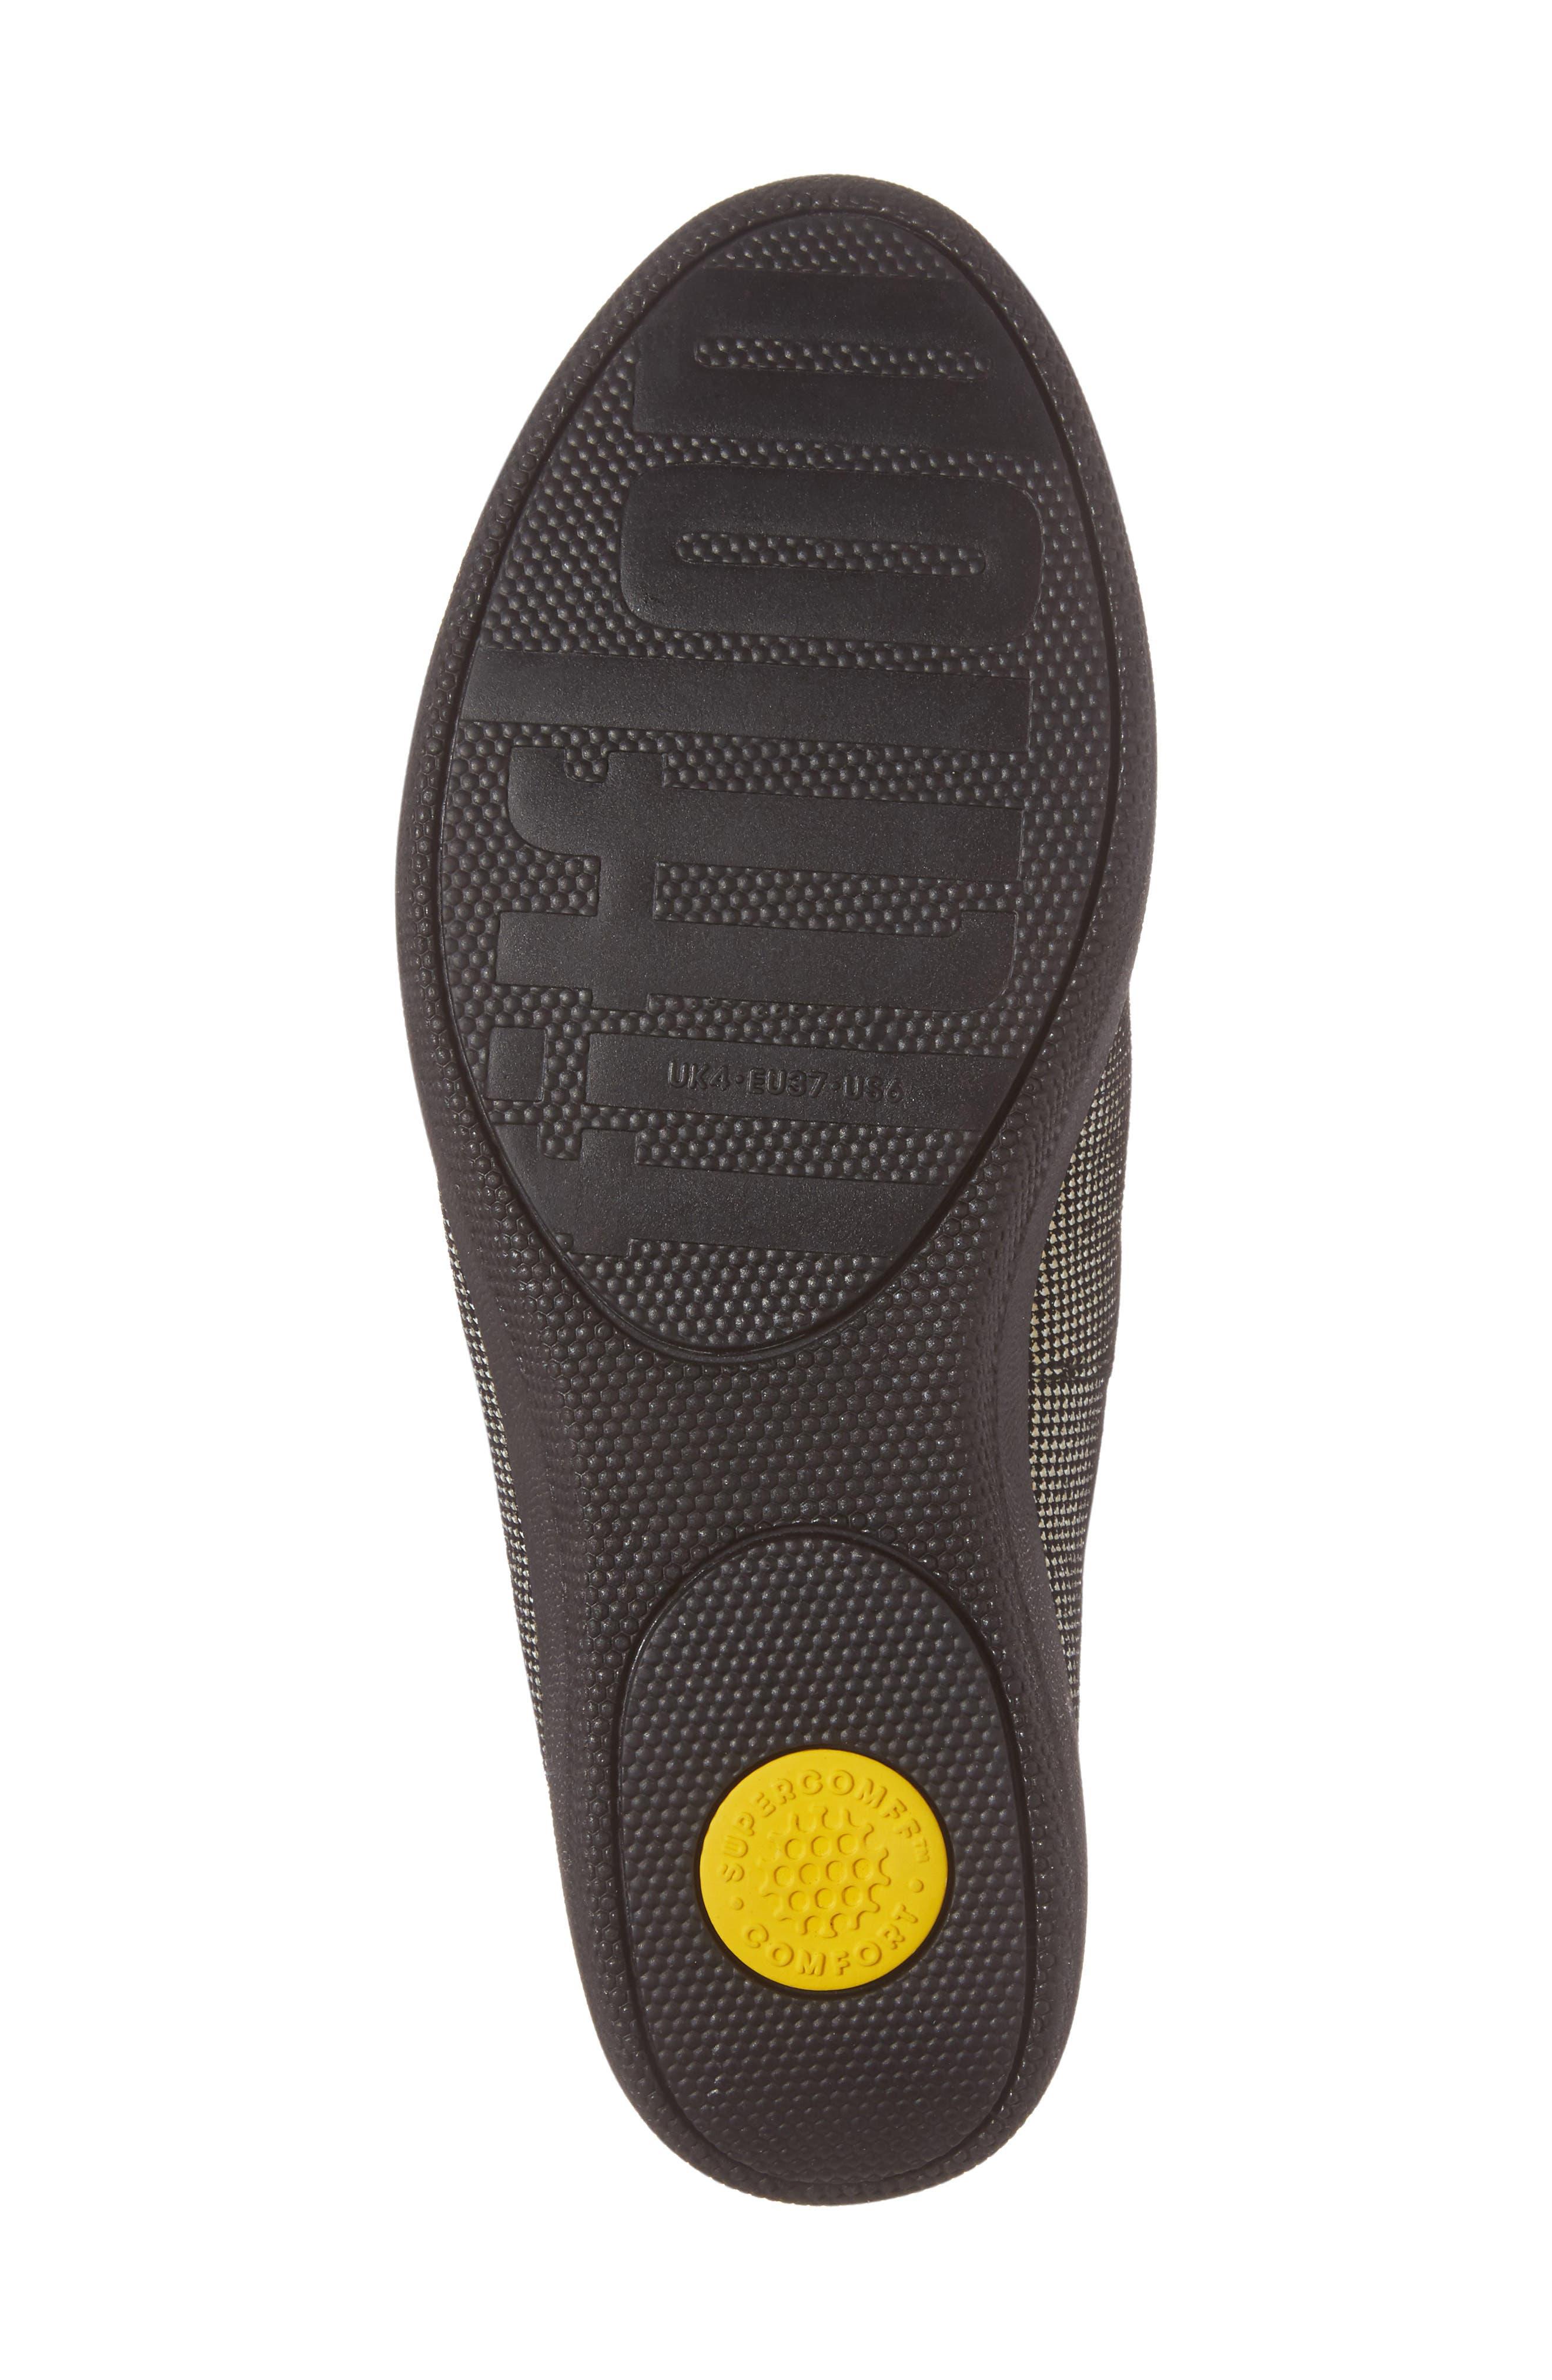 Superskate Slip-On Sneaker,                             Alternate thumbnail 22, color,